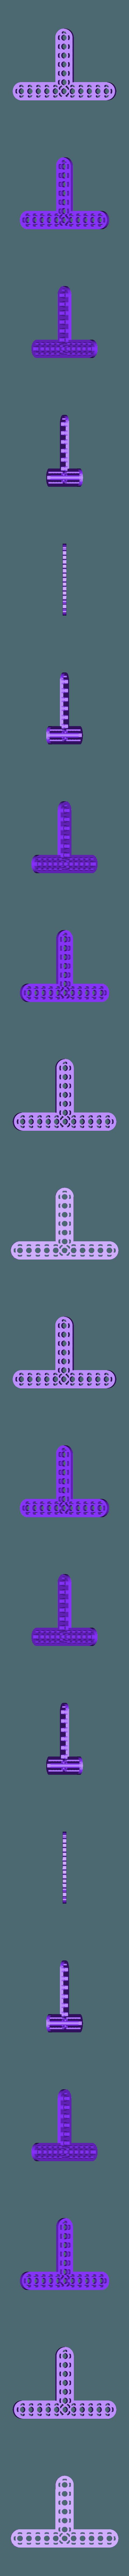 T_11_7.STL Télécharger fichier STL gratuit MEGA Expansion 200+ Pièces • Plan à imprimer en 3D, Pwentey